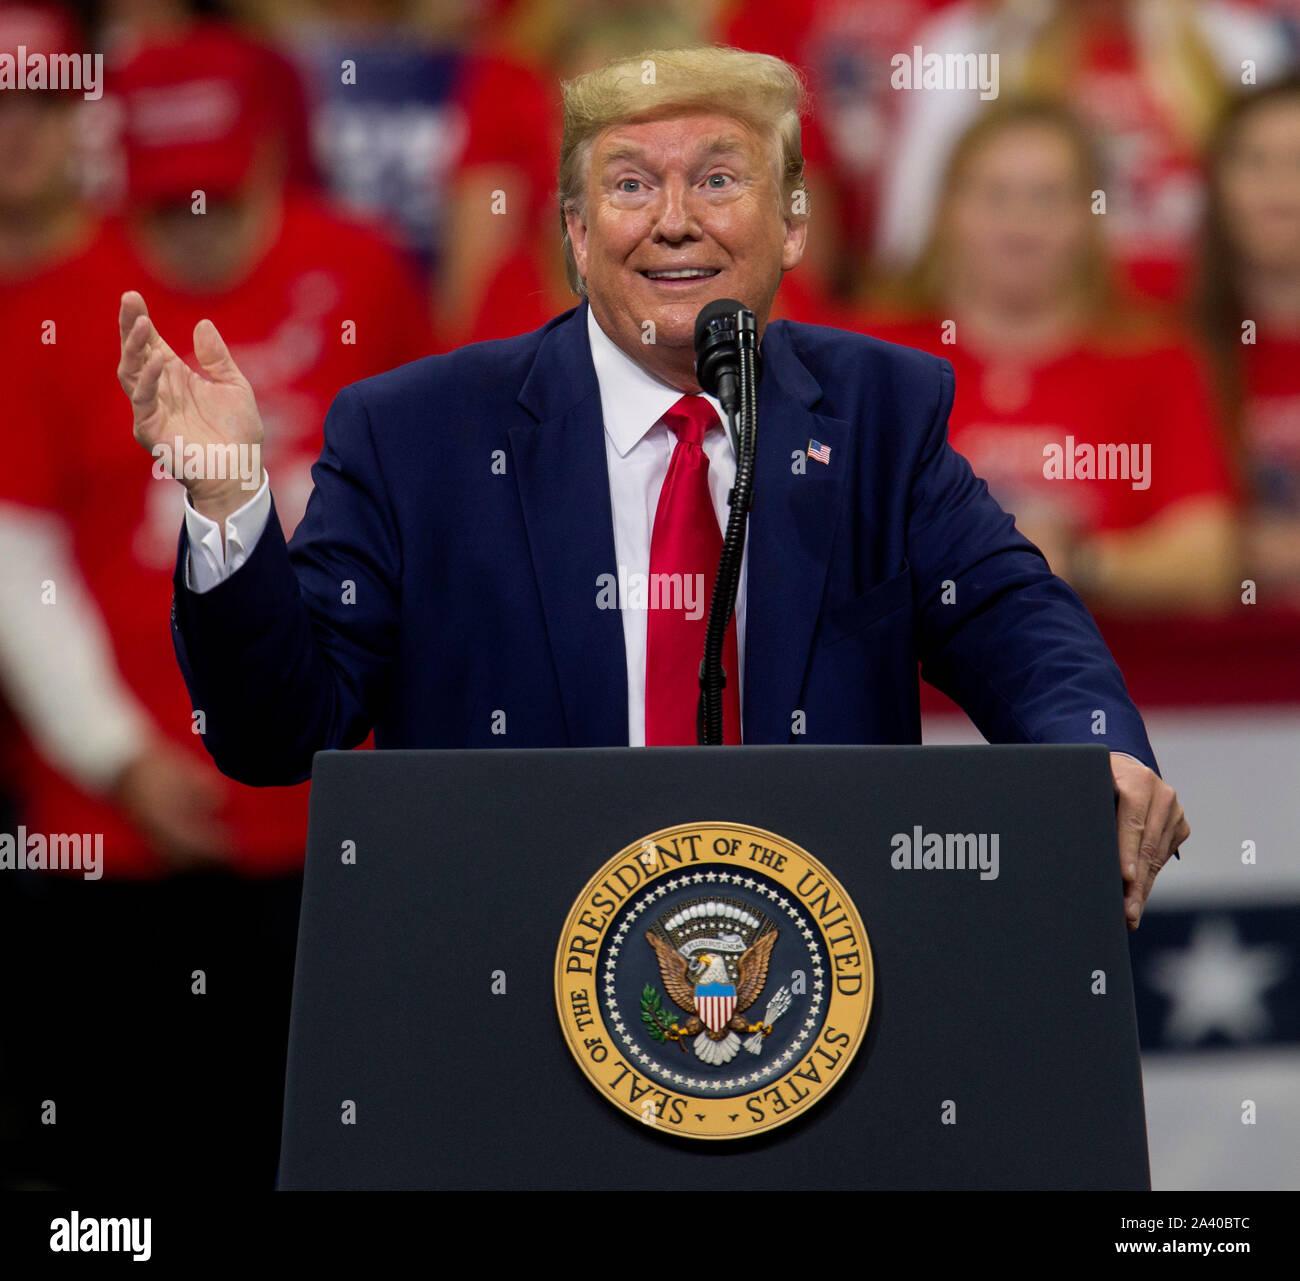 Minneapolis, Minnesota, USA. 10 Oct, 2019. Le président DONALD JOHN TRUMP partisans des adresses à un Keep America grand rassemblement au Centre de la cible. Crédit: Brian Cahn/ZUMA/Alamy Fil Live News Banque D'Images